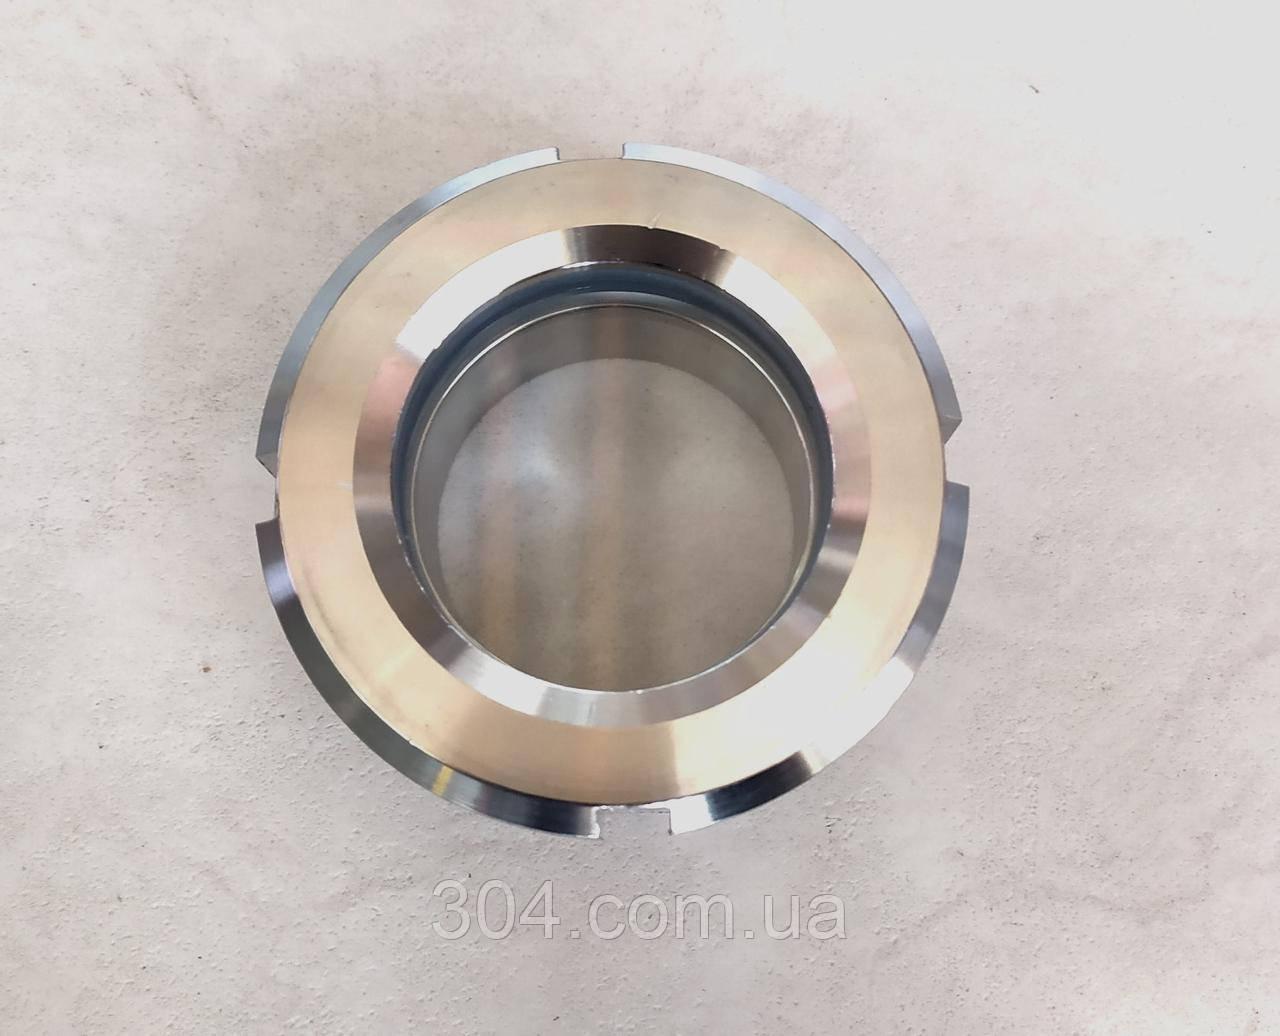 Диоптр плоский (Окно смотровое)DN63, AISI 304